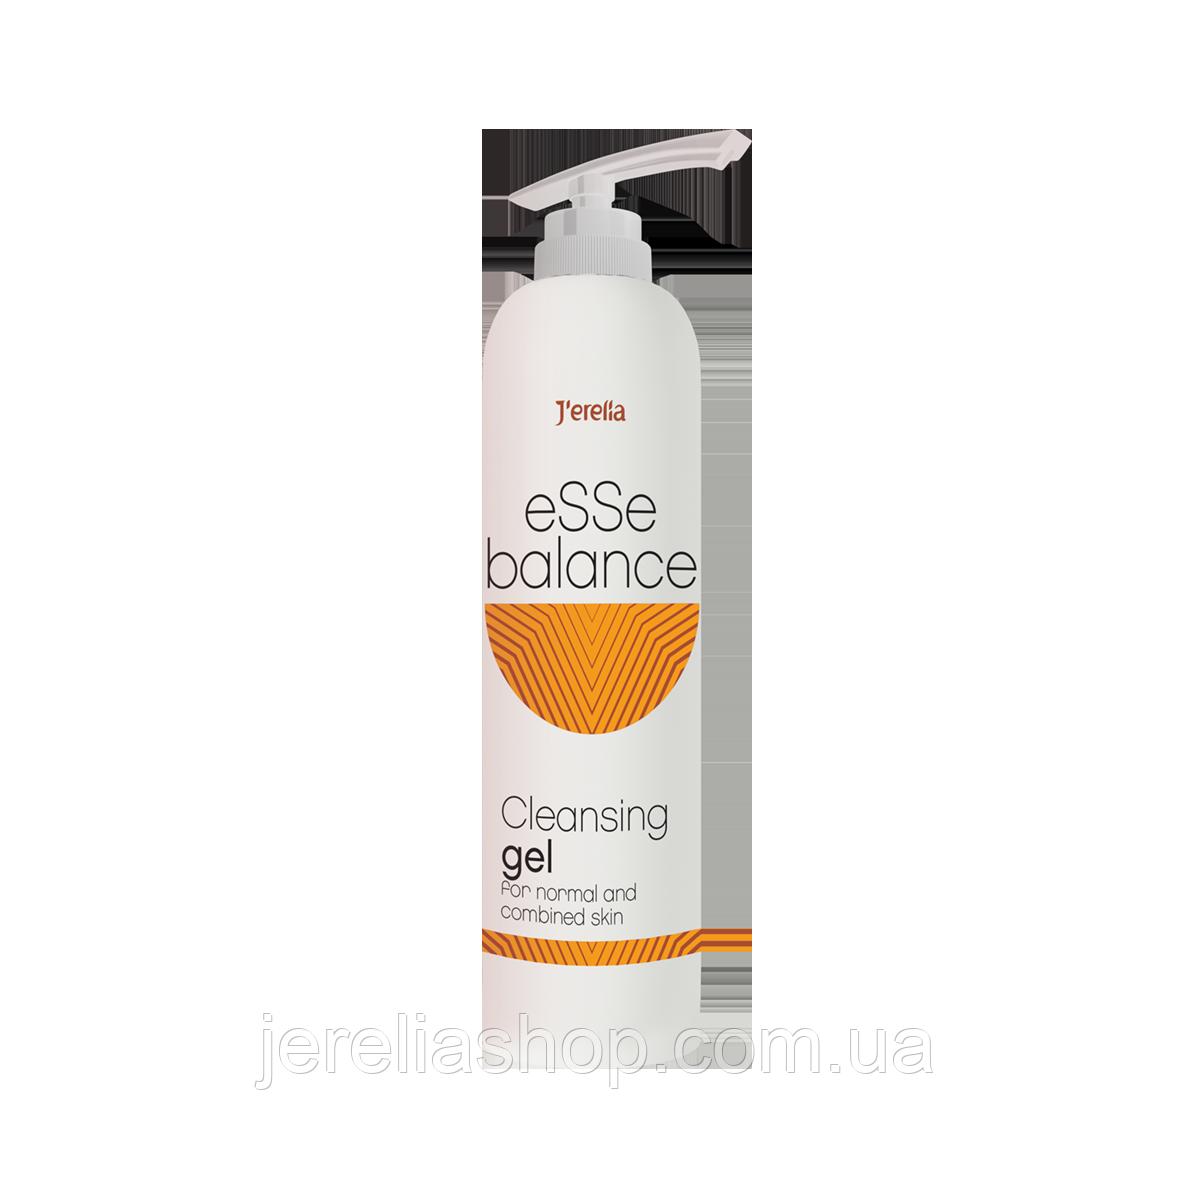 Очищуючий гель для нормальної та комбінованої шкіри